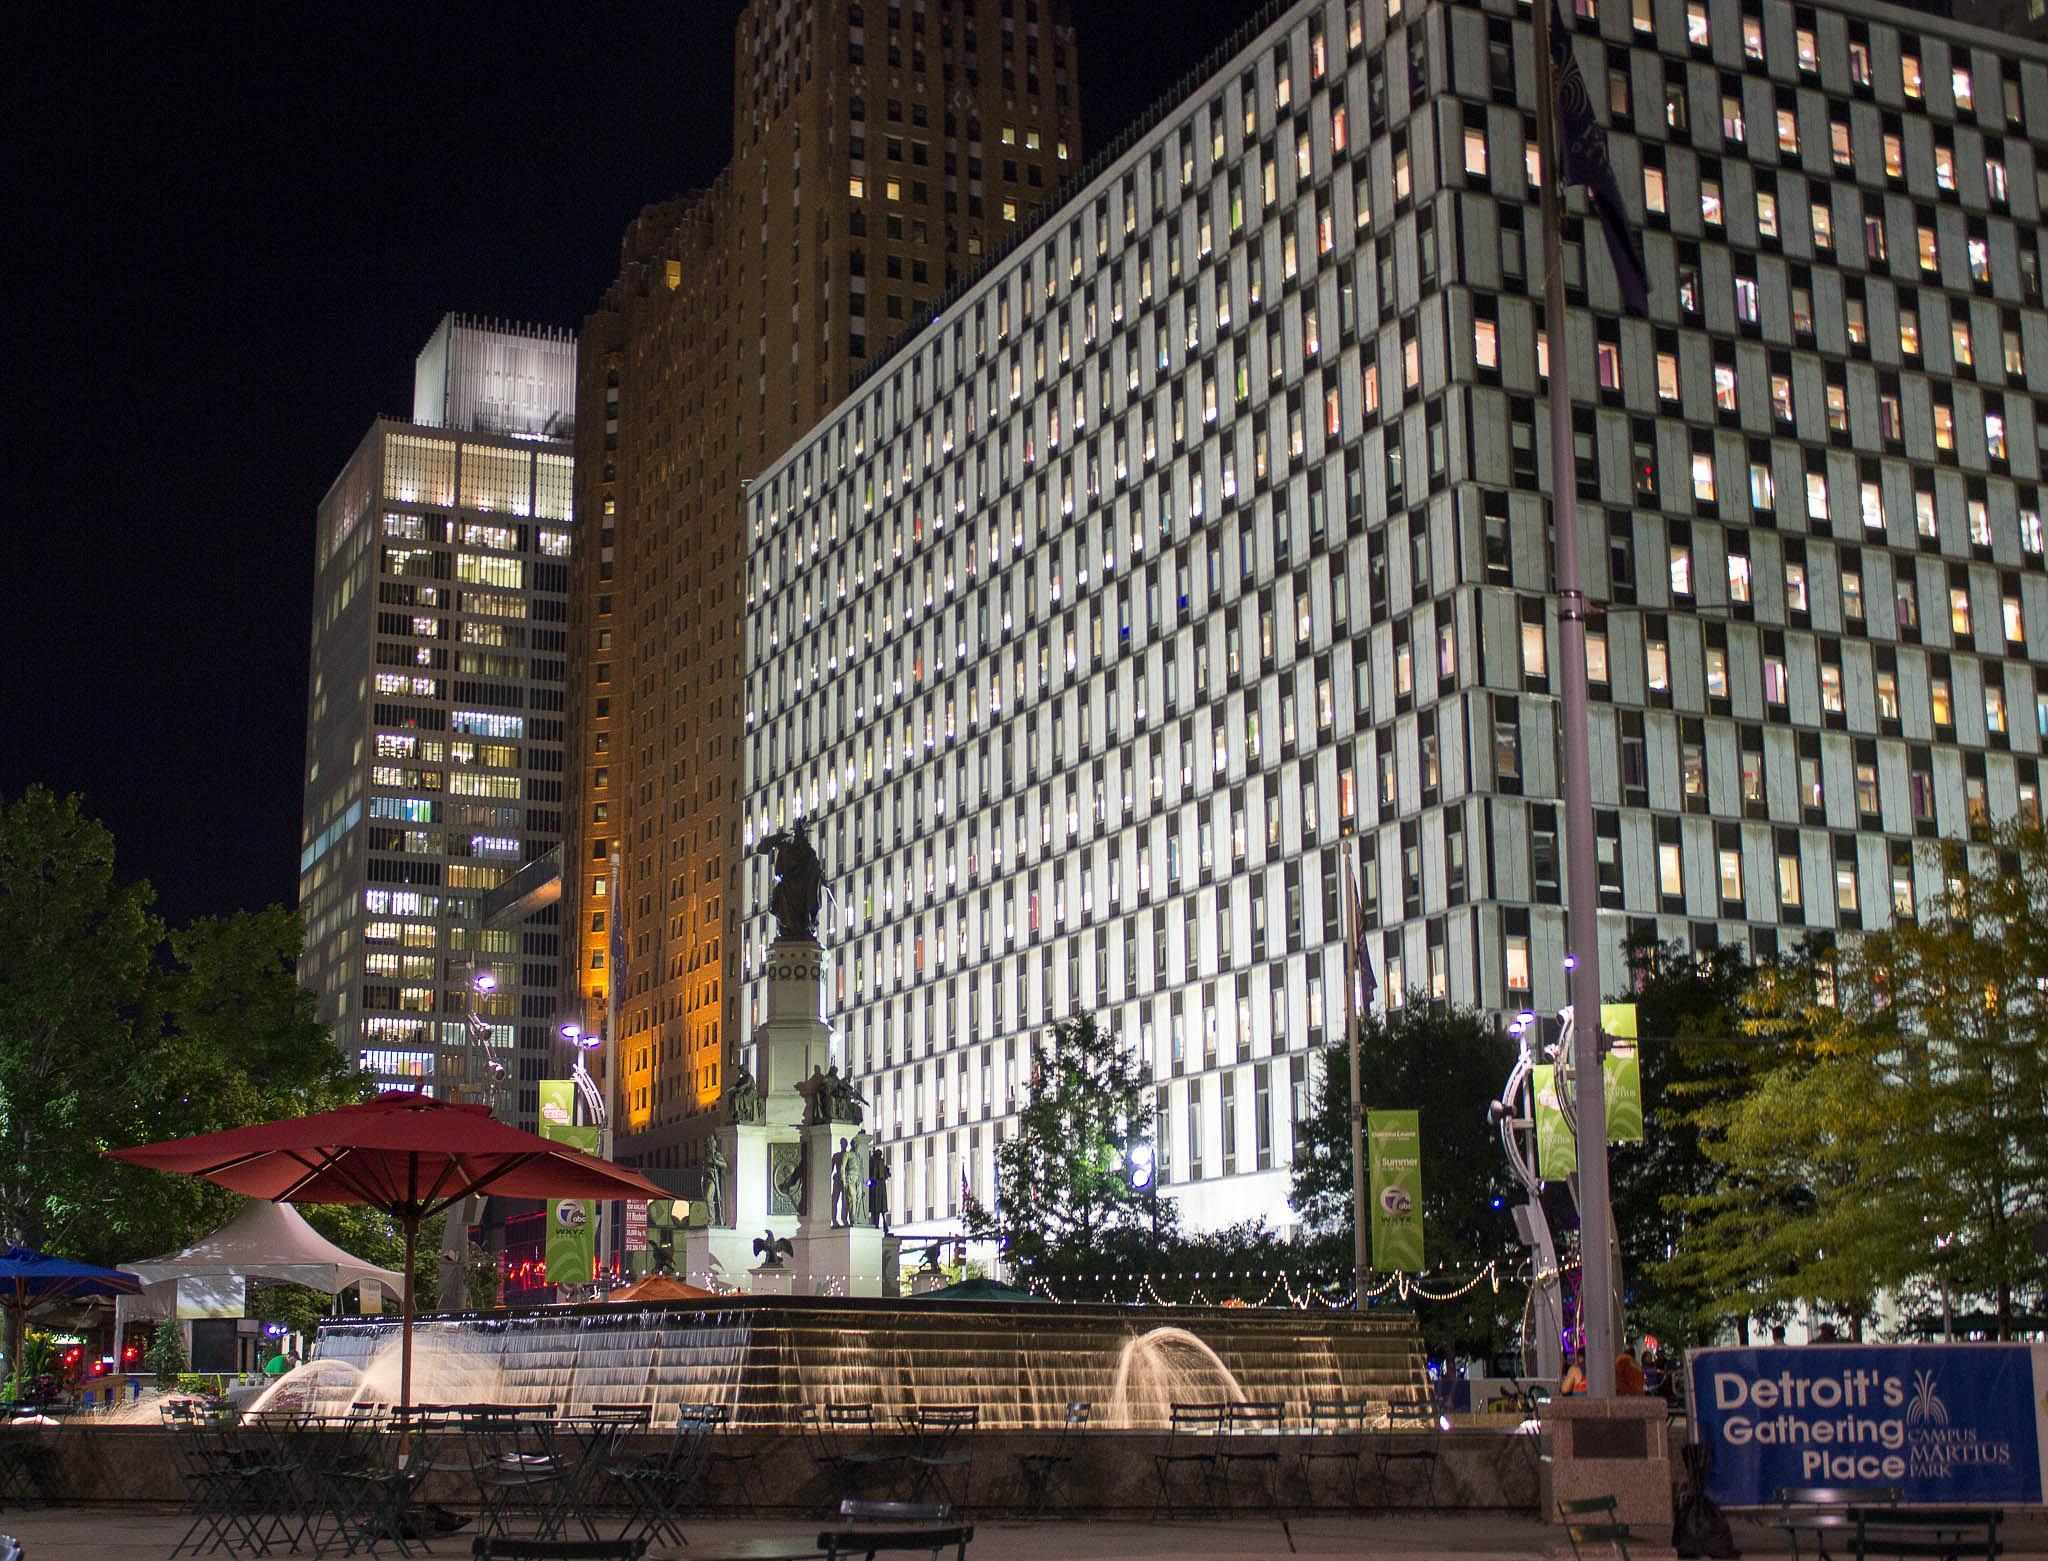 Downtown Detroit by eli douglas